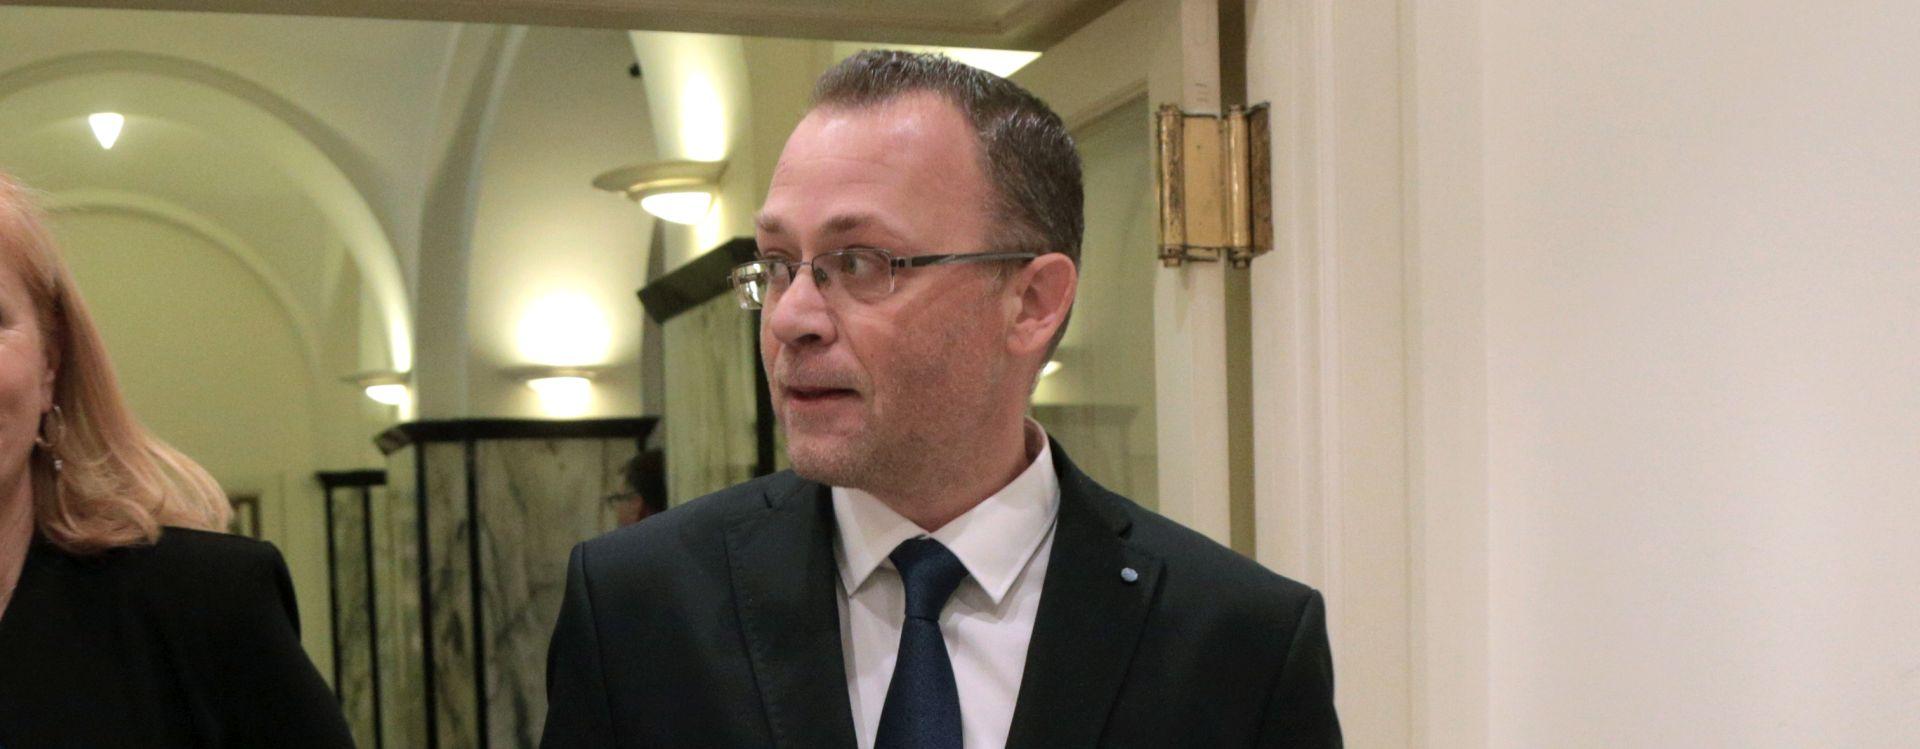 Hasanbegović: Nema ekstremizma u HDZ-u i hrvatskoj politici